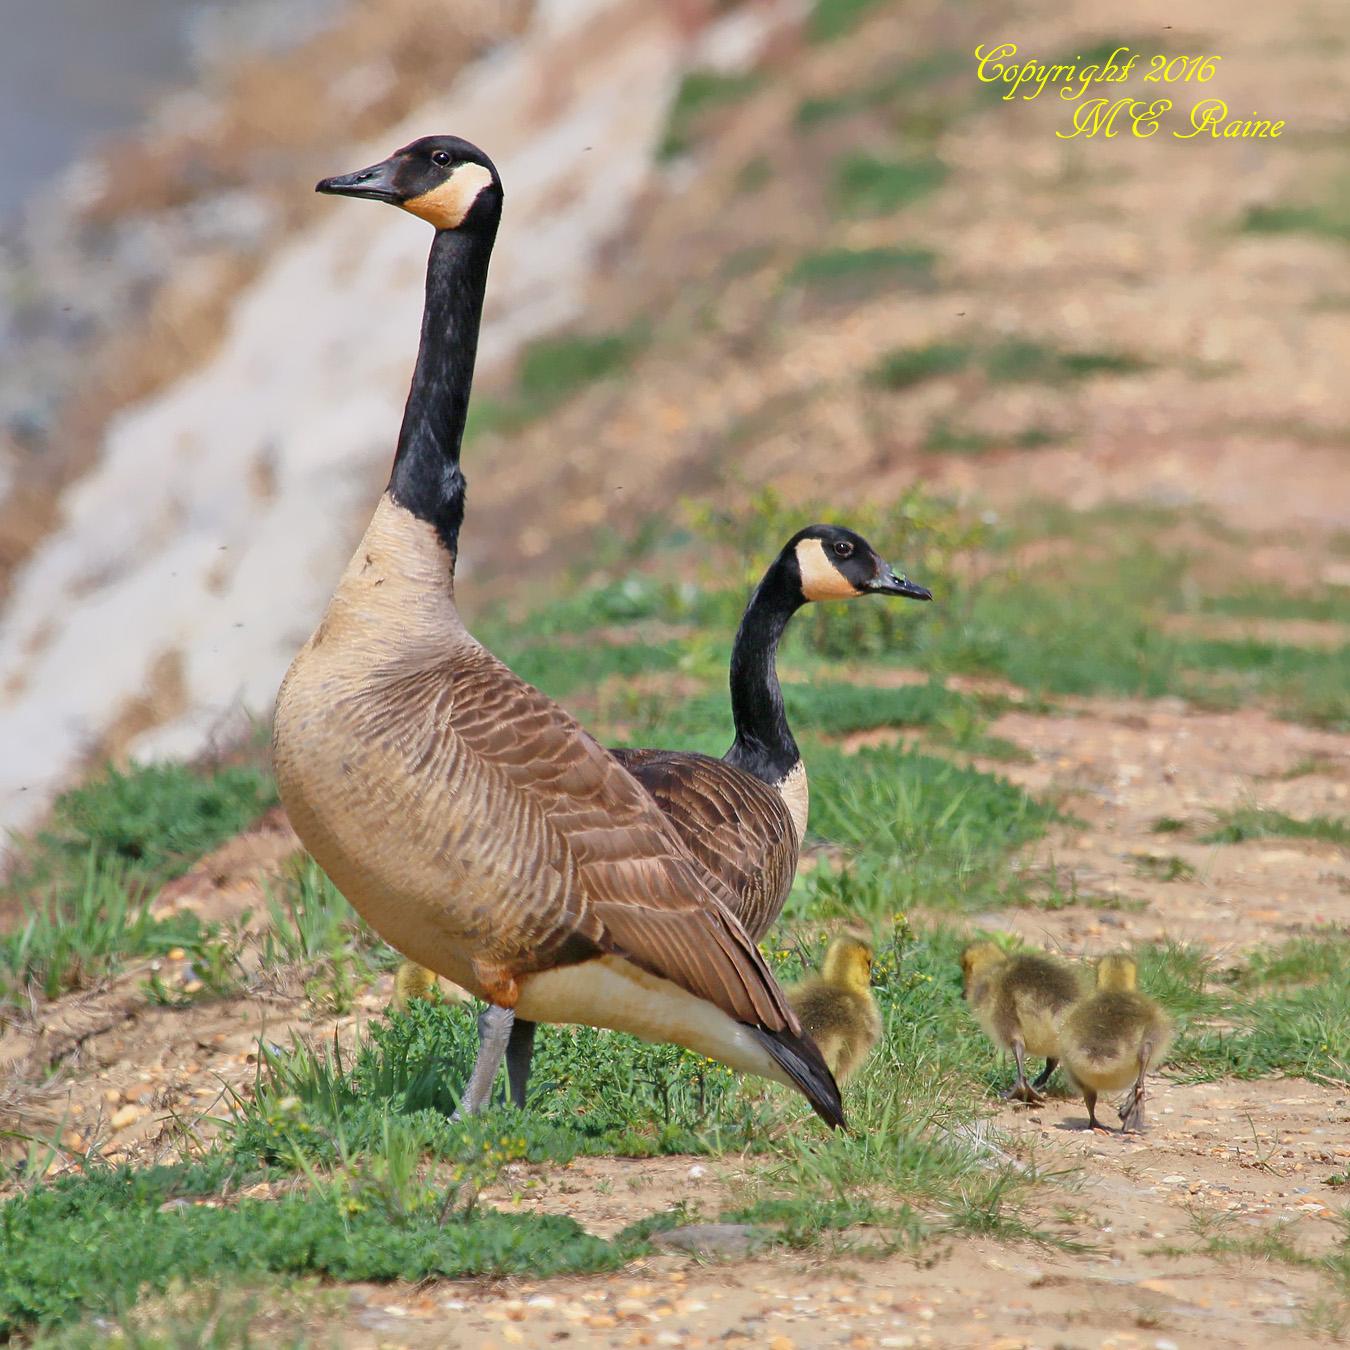 Goose Canada 007af RchrdDKorte Park Mdwlnds NJ Family w Babies 042516 OK FLICKR